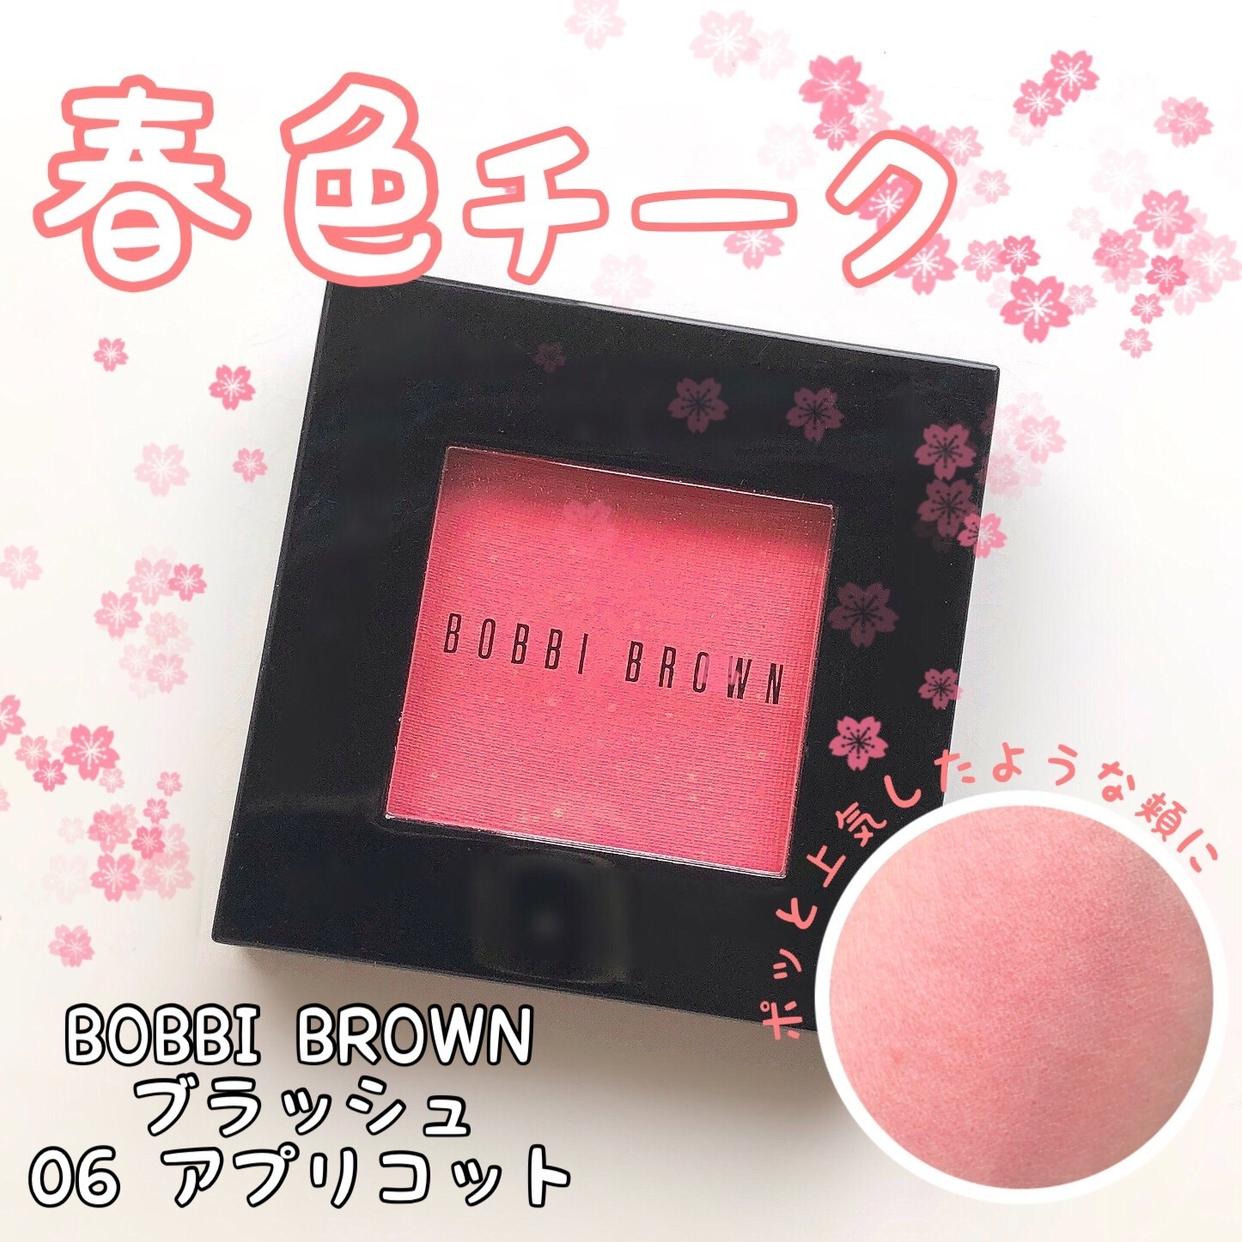 BOBBI BROWN(ボビイブラウン) ブラッシュを使ったRukapiさんのクチコミ画像1